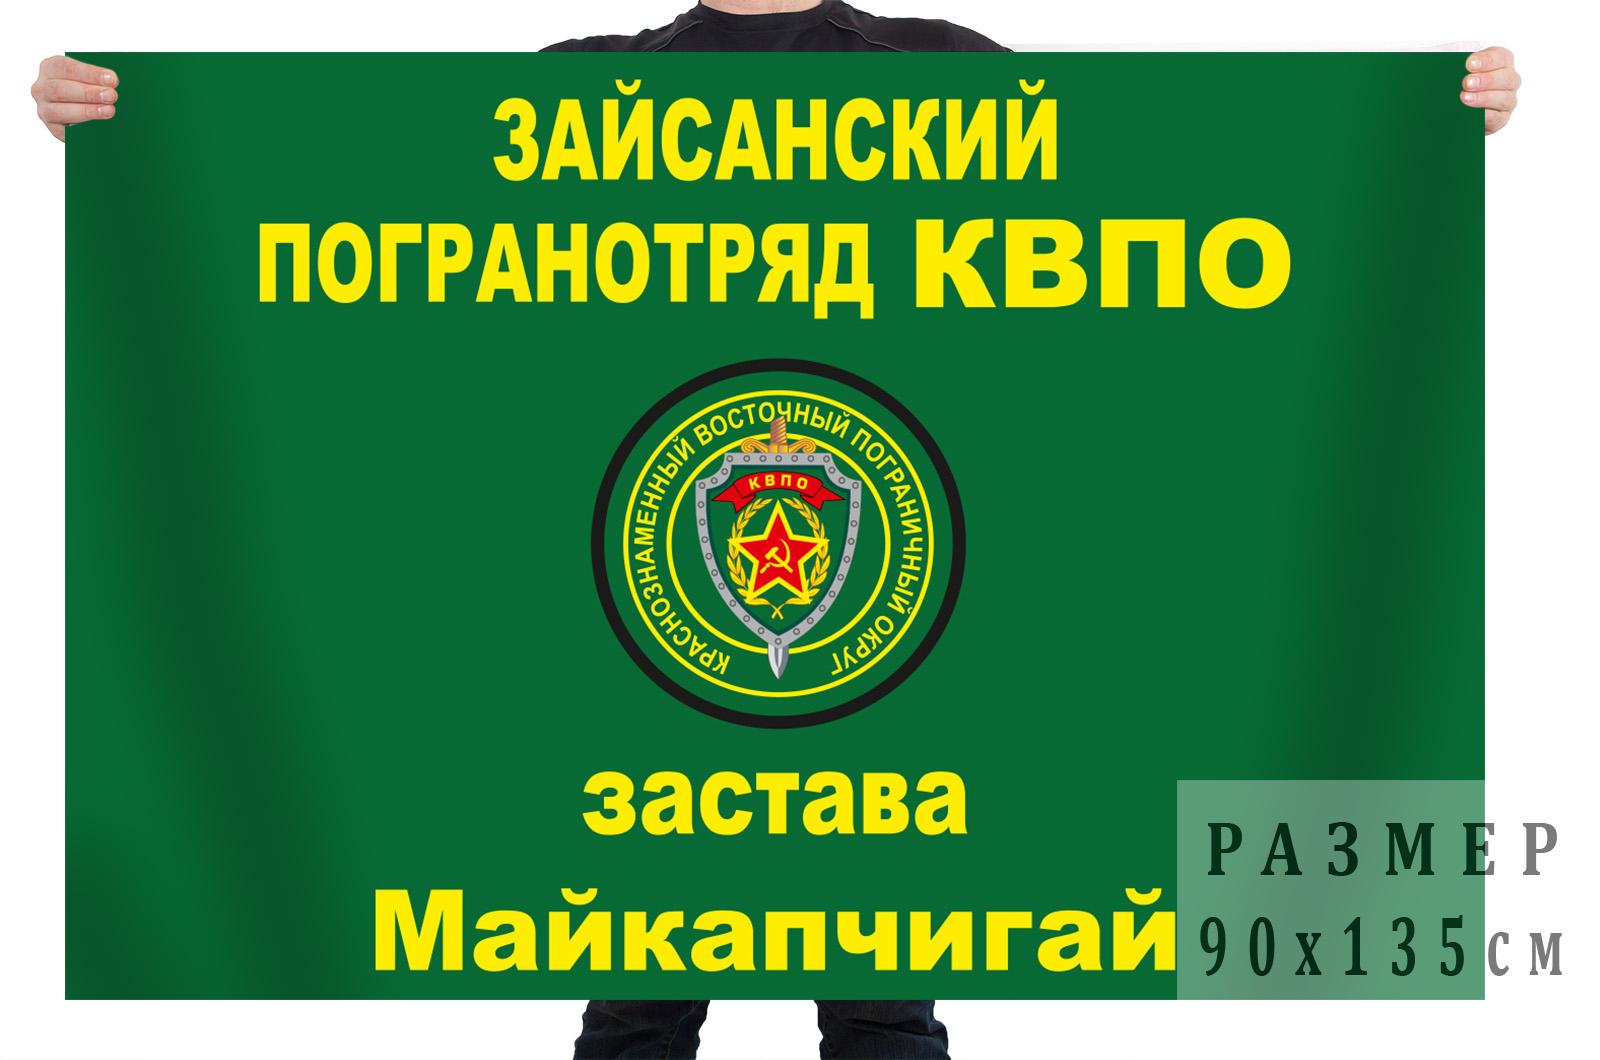 Флаг заставы Майкапчигай Зайсанского Пограничного отряда